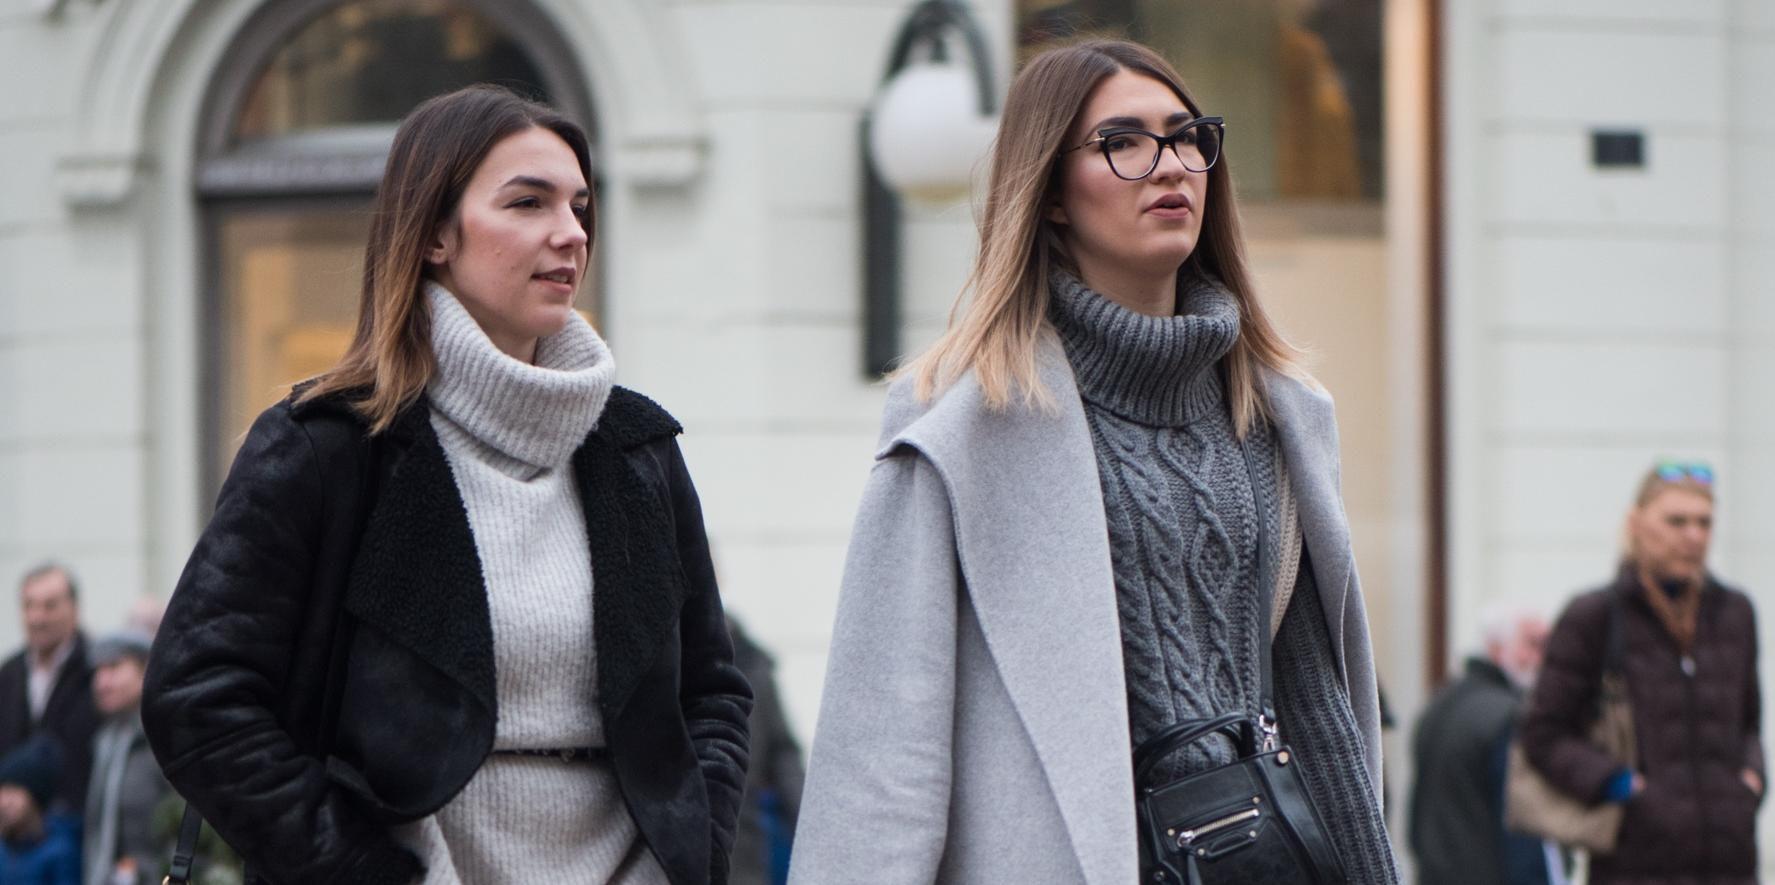 Minica i visoke potpetice: Ove dvije prijateljice pokazat će vam kako se to nosi zimi